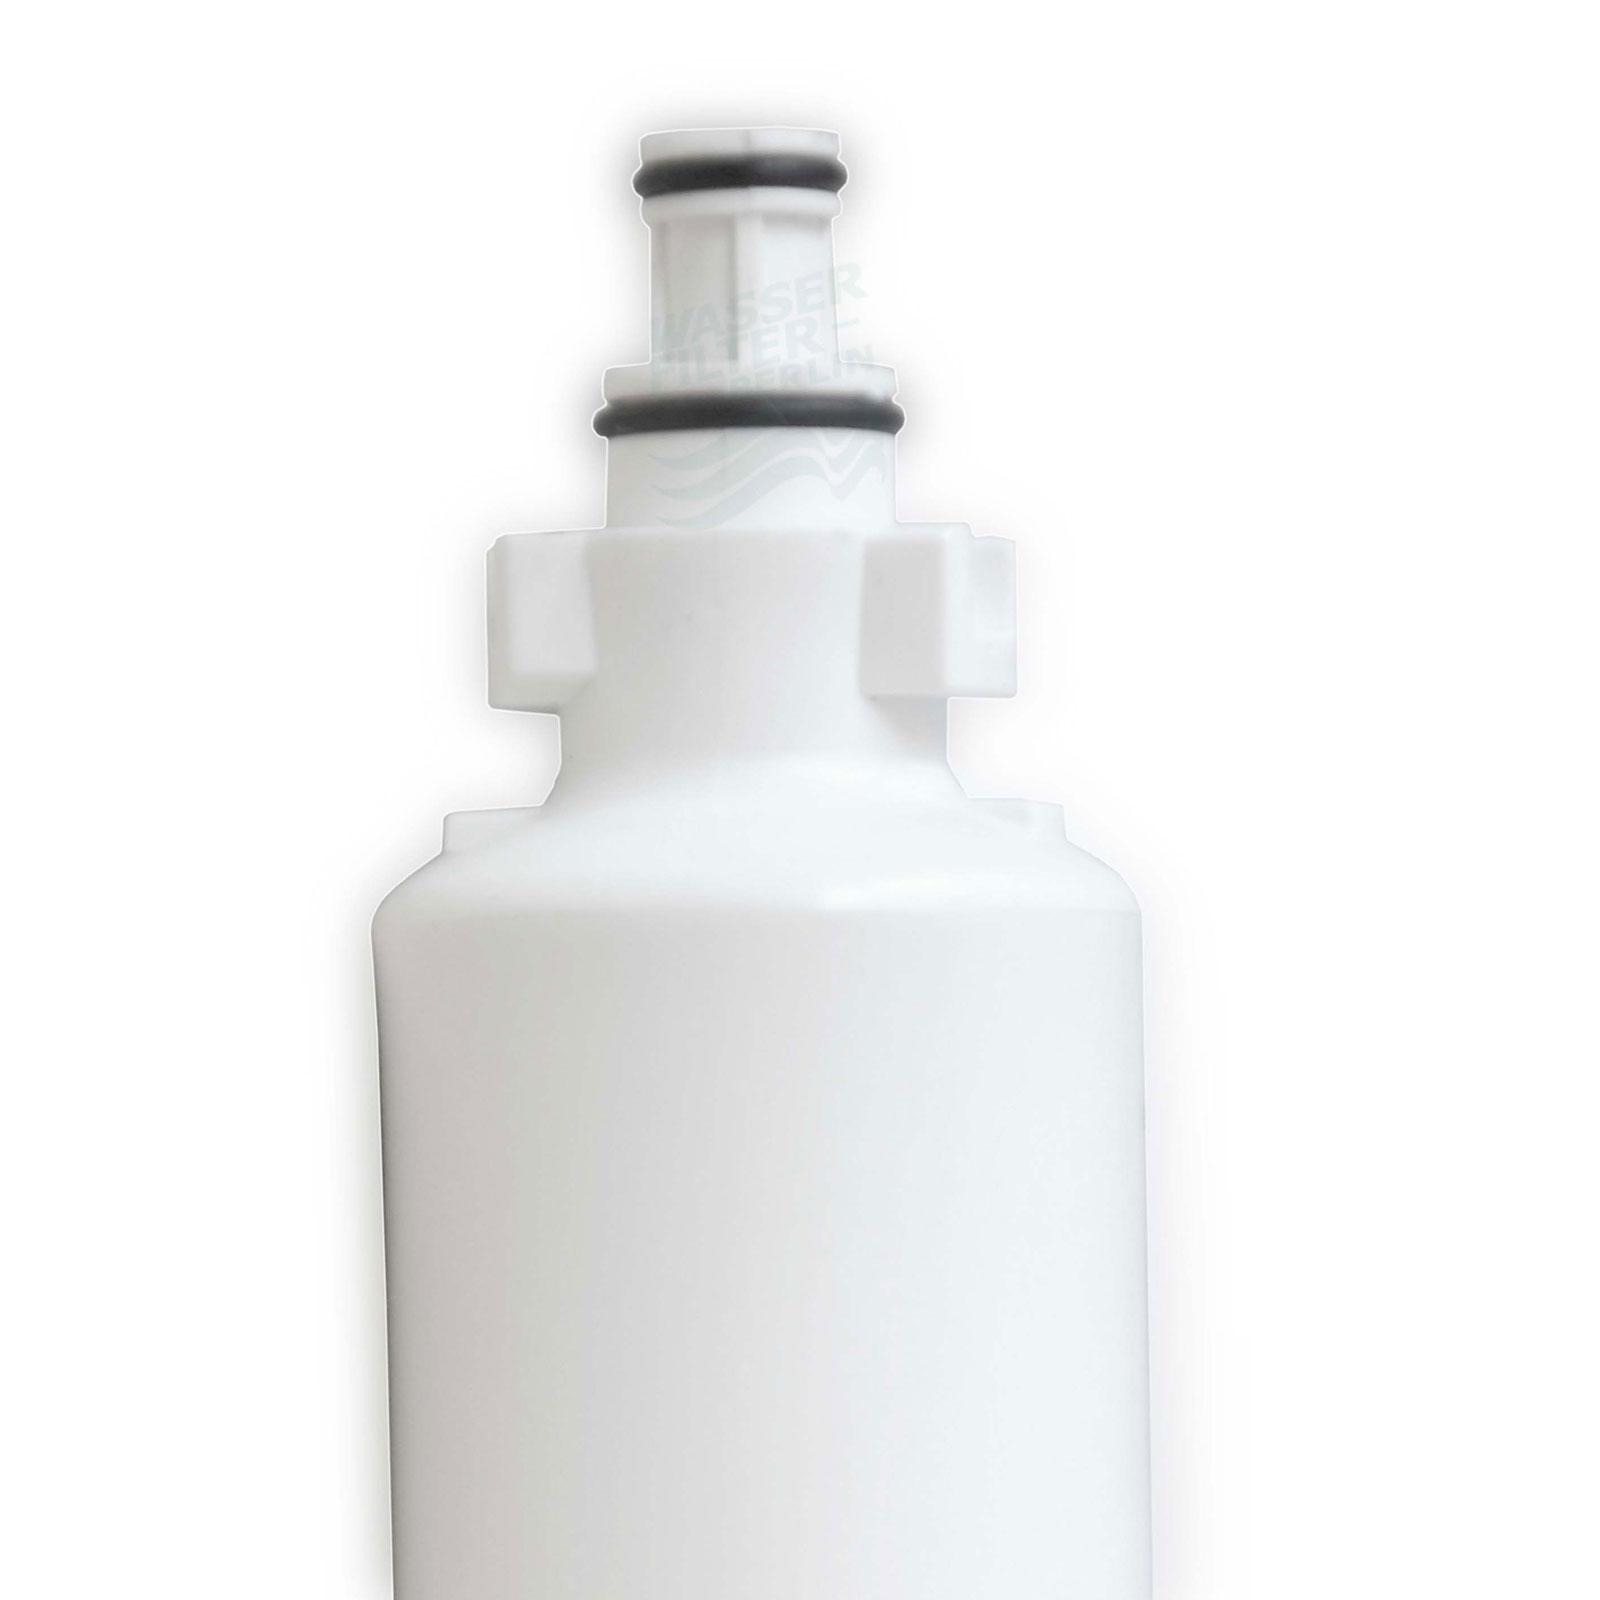 Wasserfilter für Panasonic Kühlschrank NR-B53V1, NRB53V1VB ...